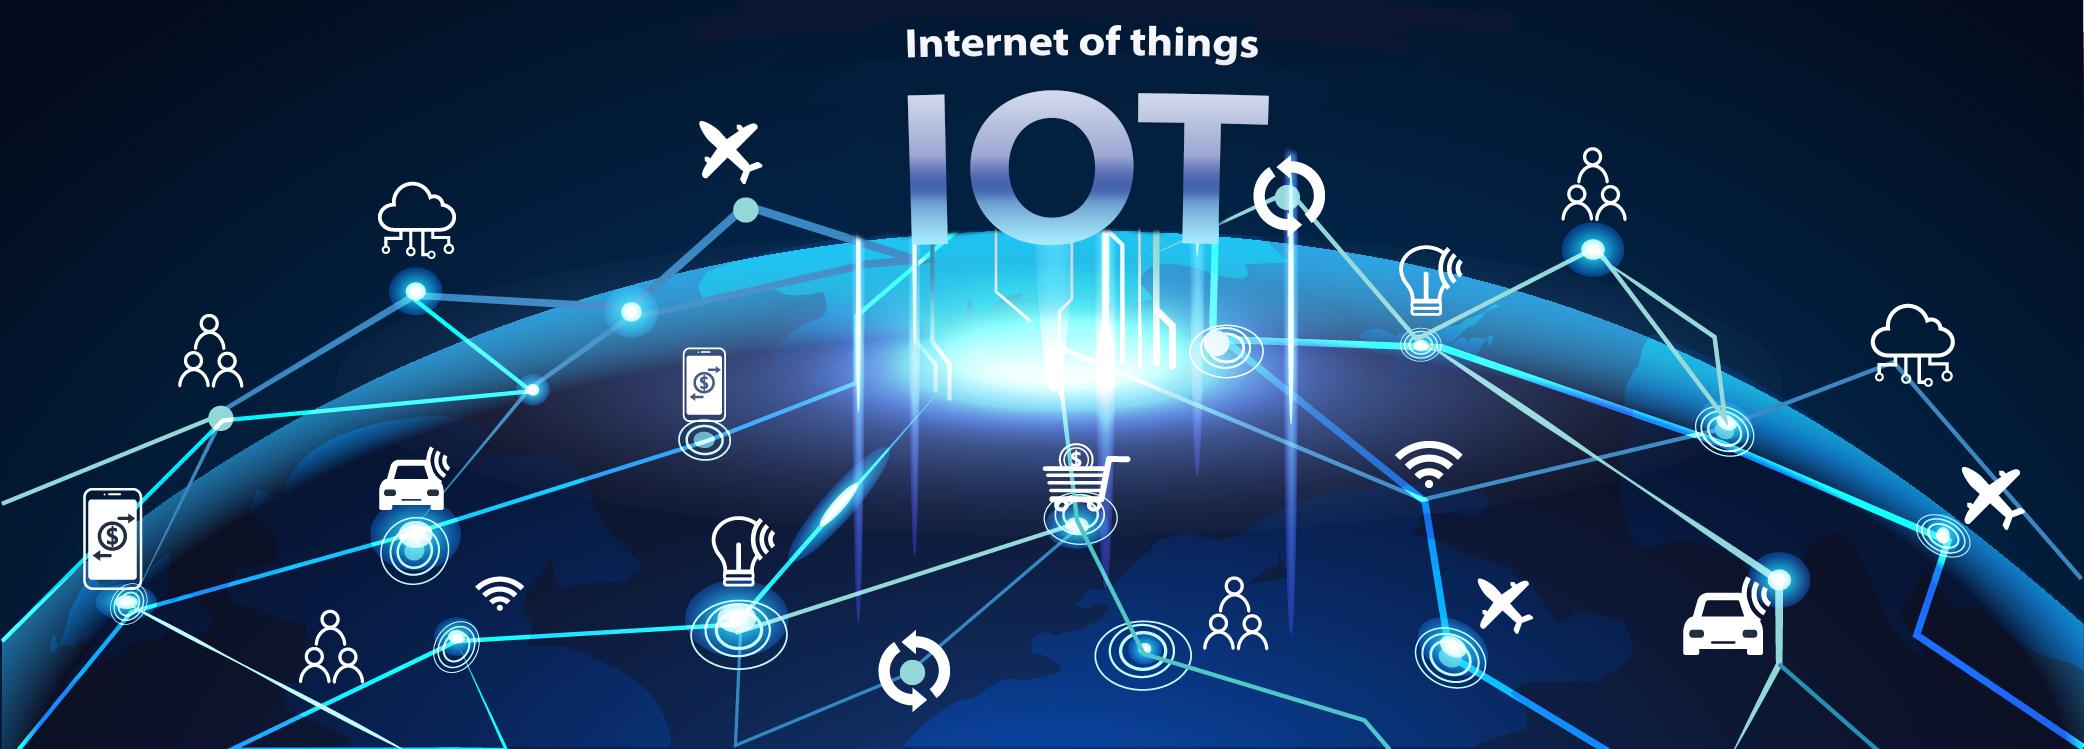 Internet of Things Là Gì? Công Nghệ Tương Lai Từ Hôm Nay